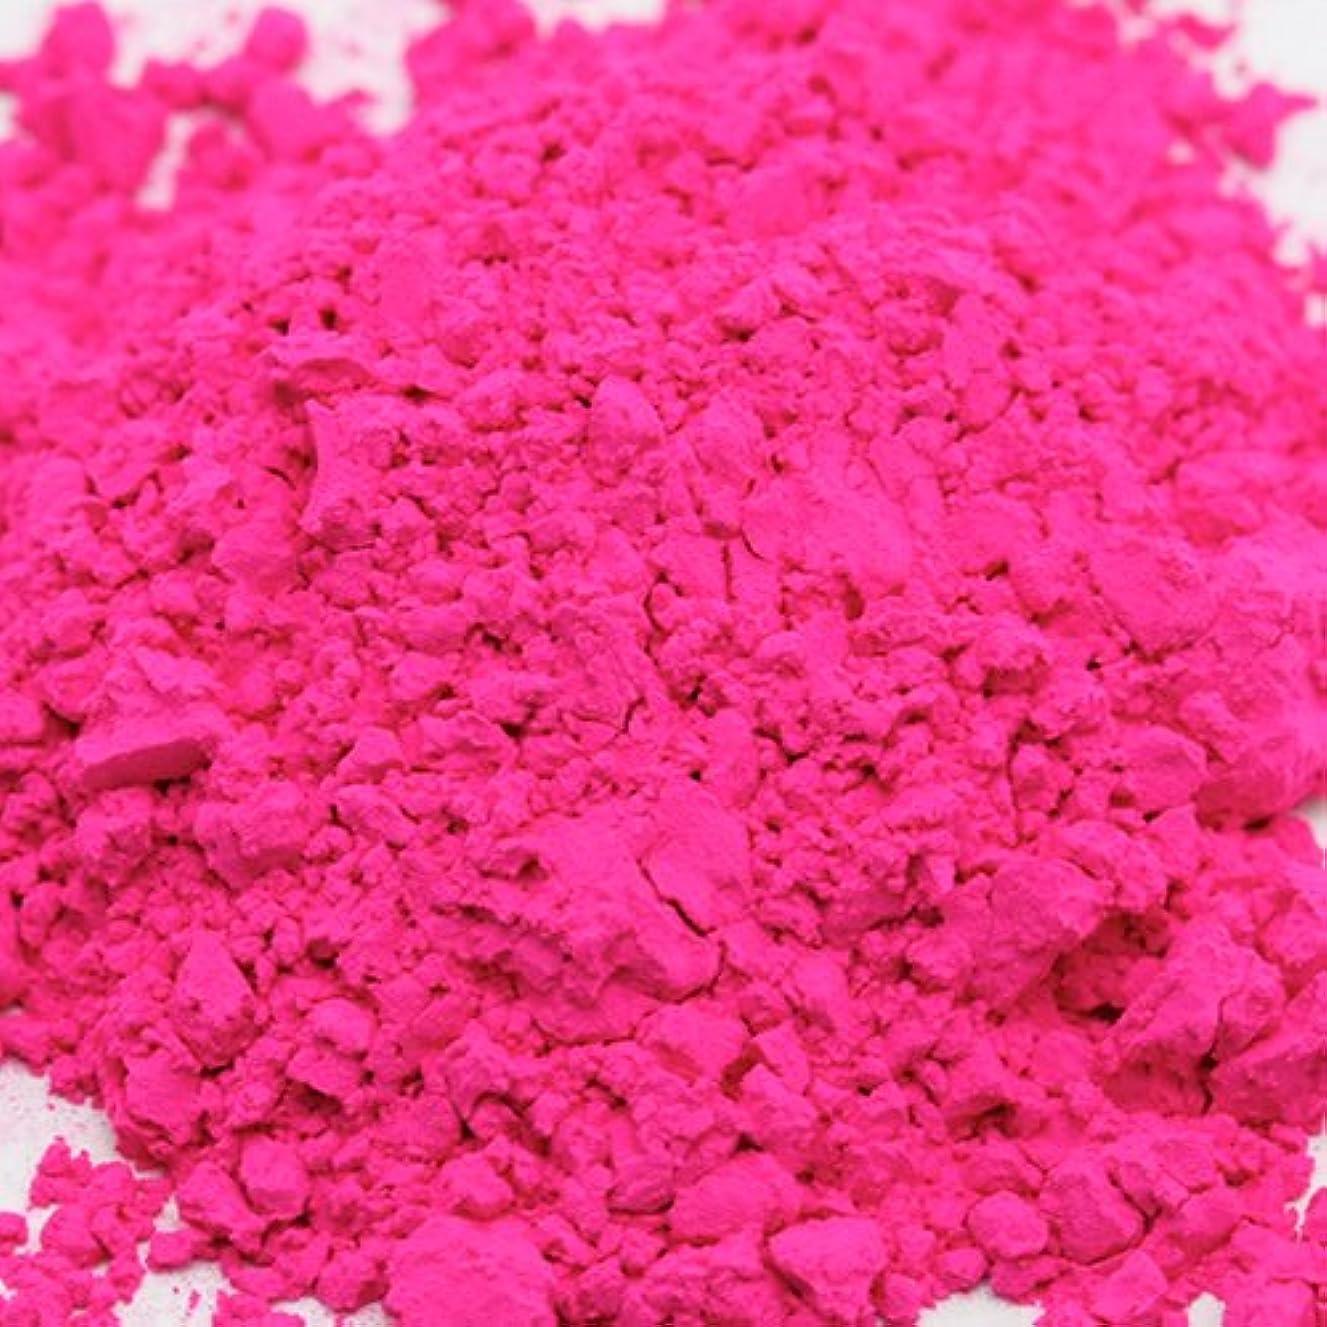 ヒューズキャッシュおキャンディカラー ピンク 5g 【手作り石鹸/手作りコスメ/色付け/カラーラント】